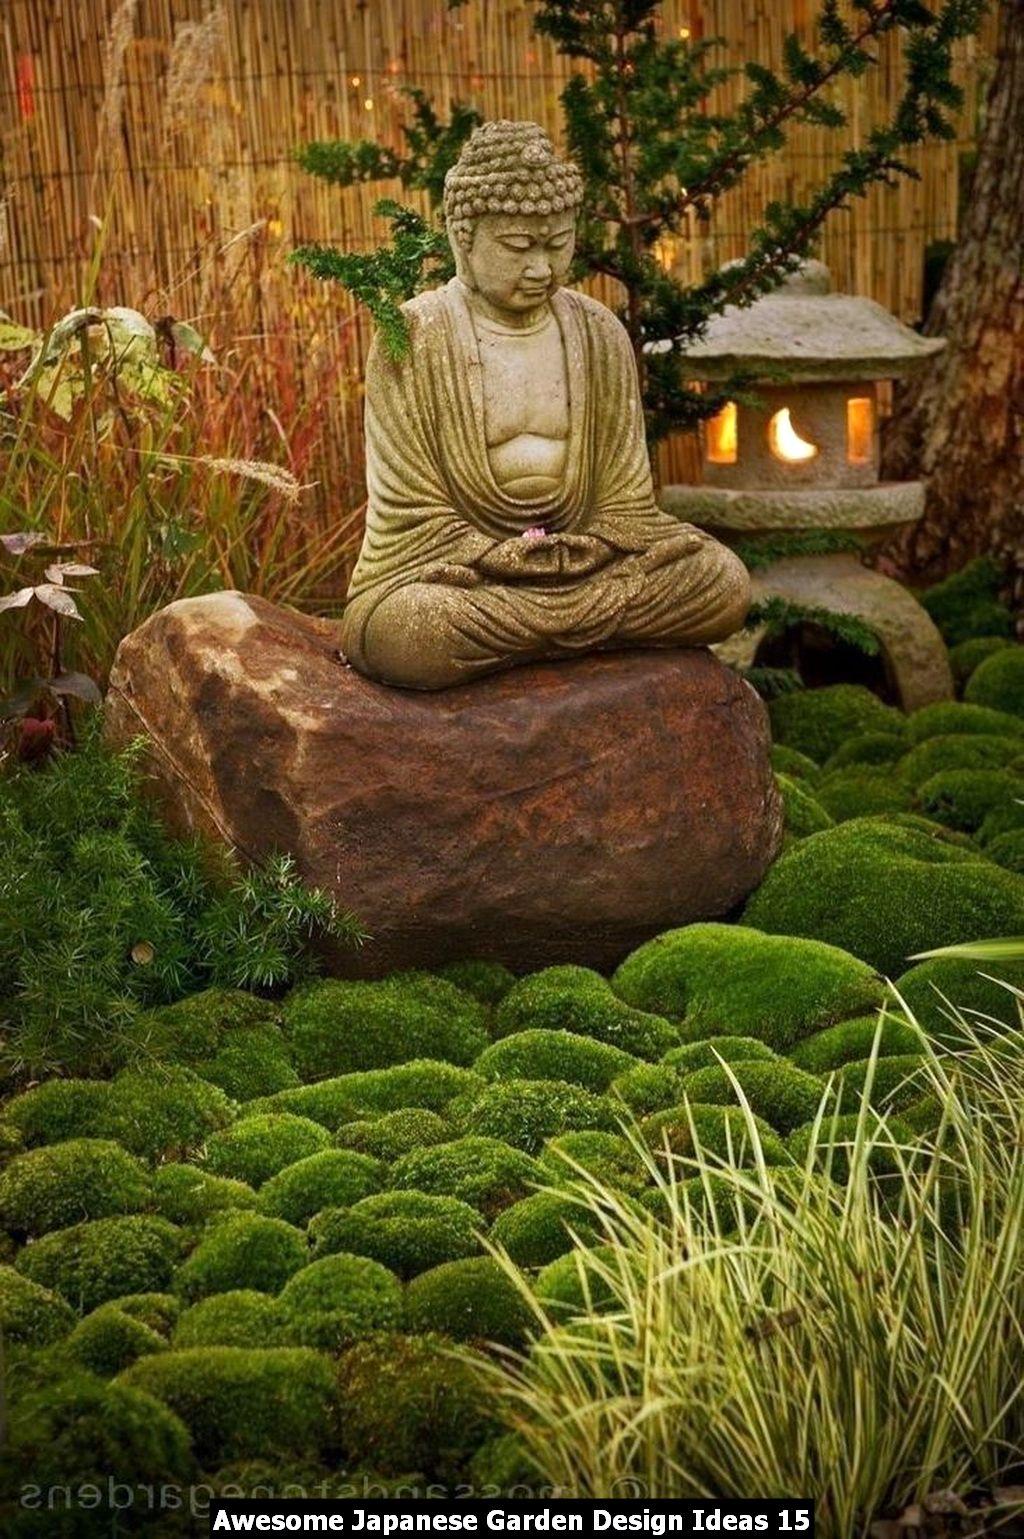 Awesome Japanese Garden Design Ideas 15